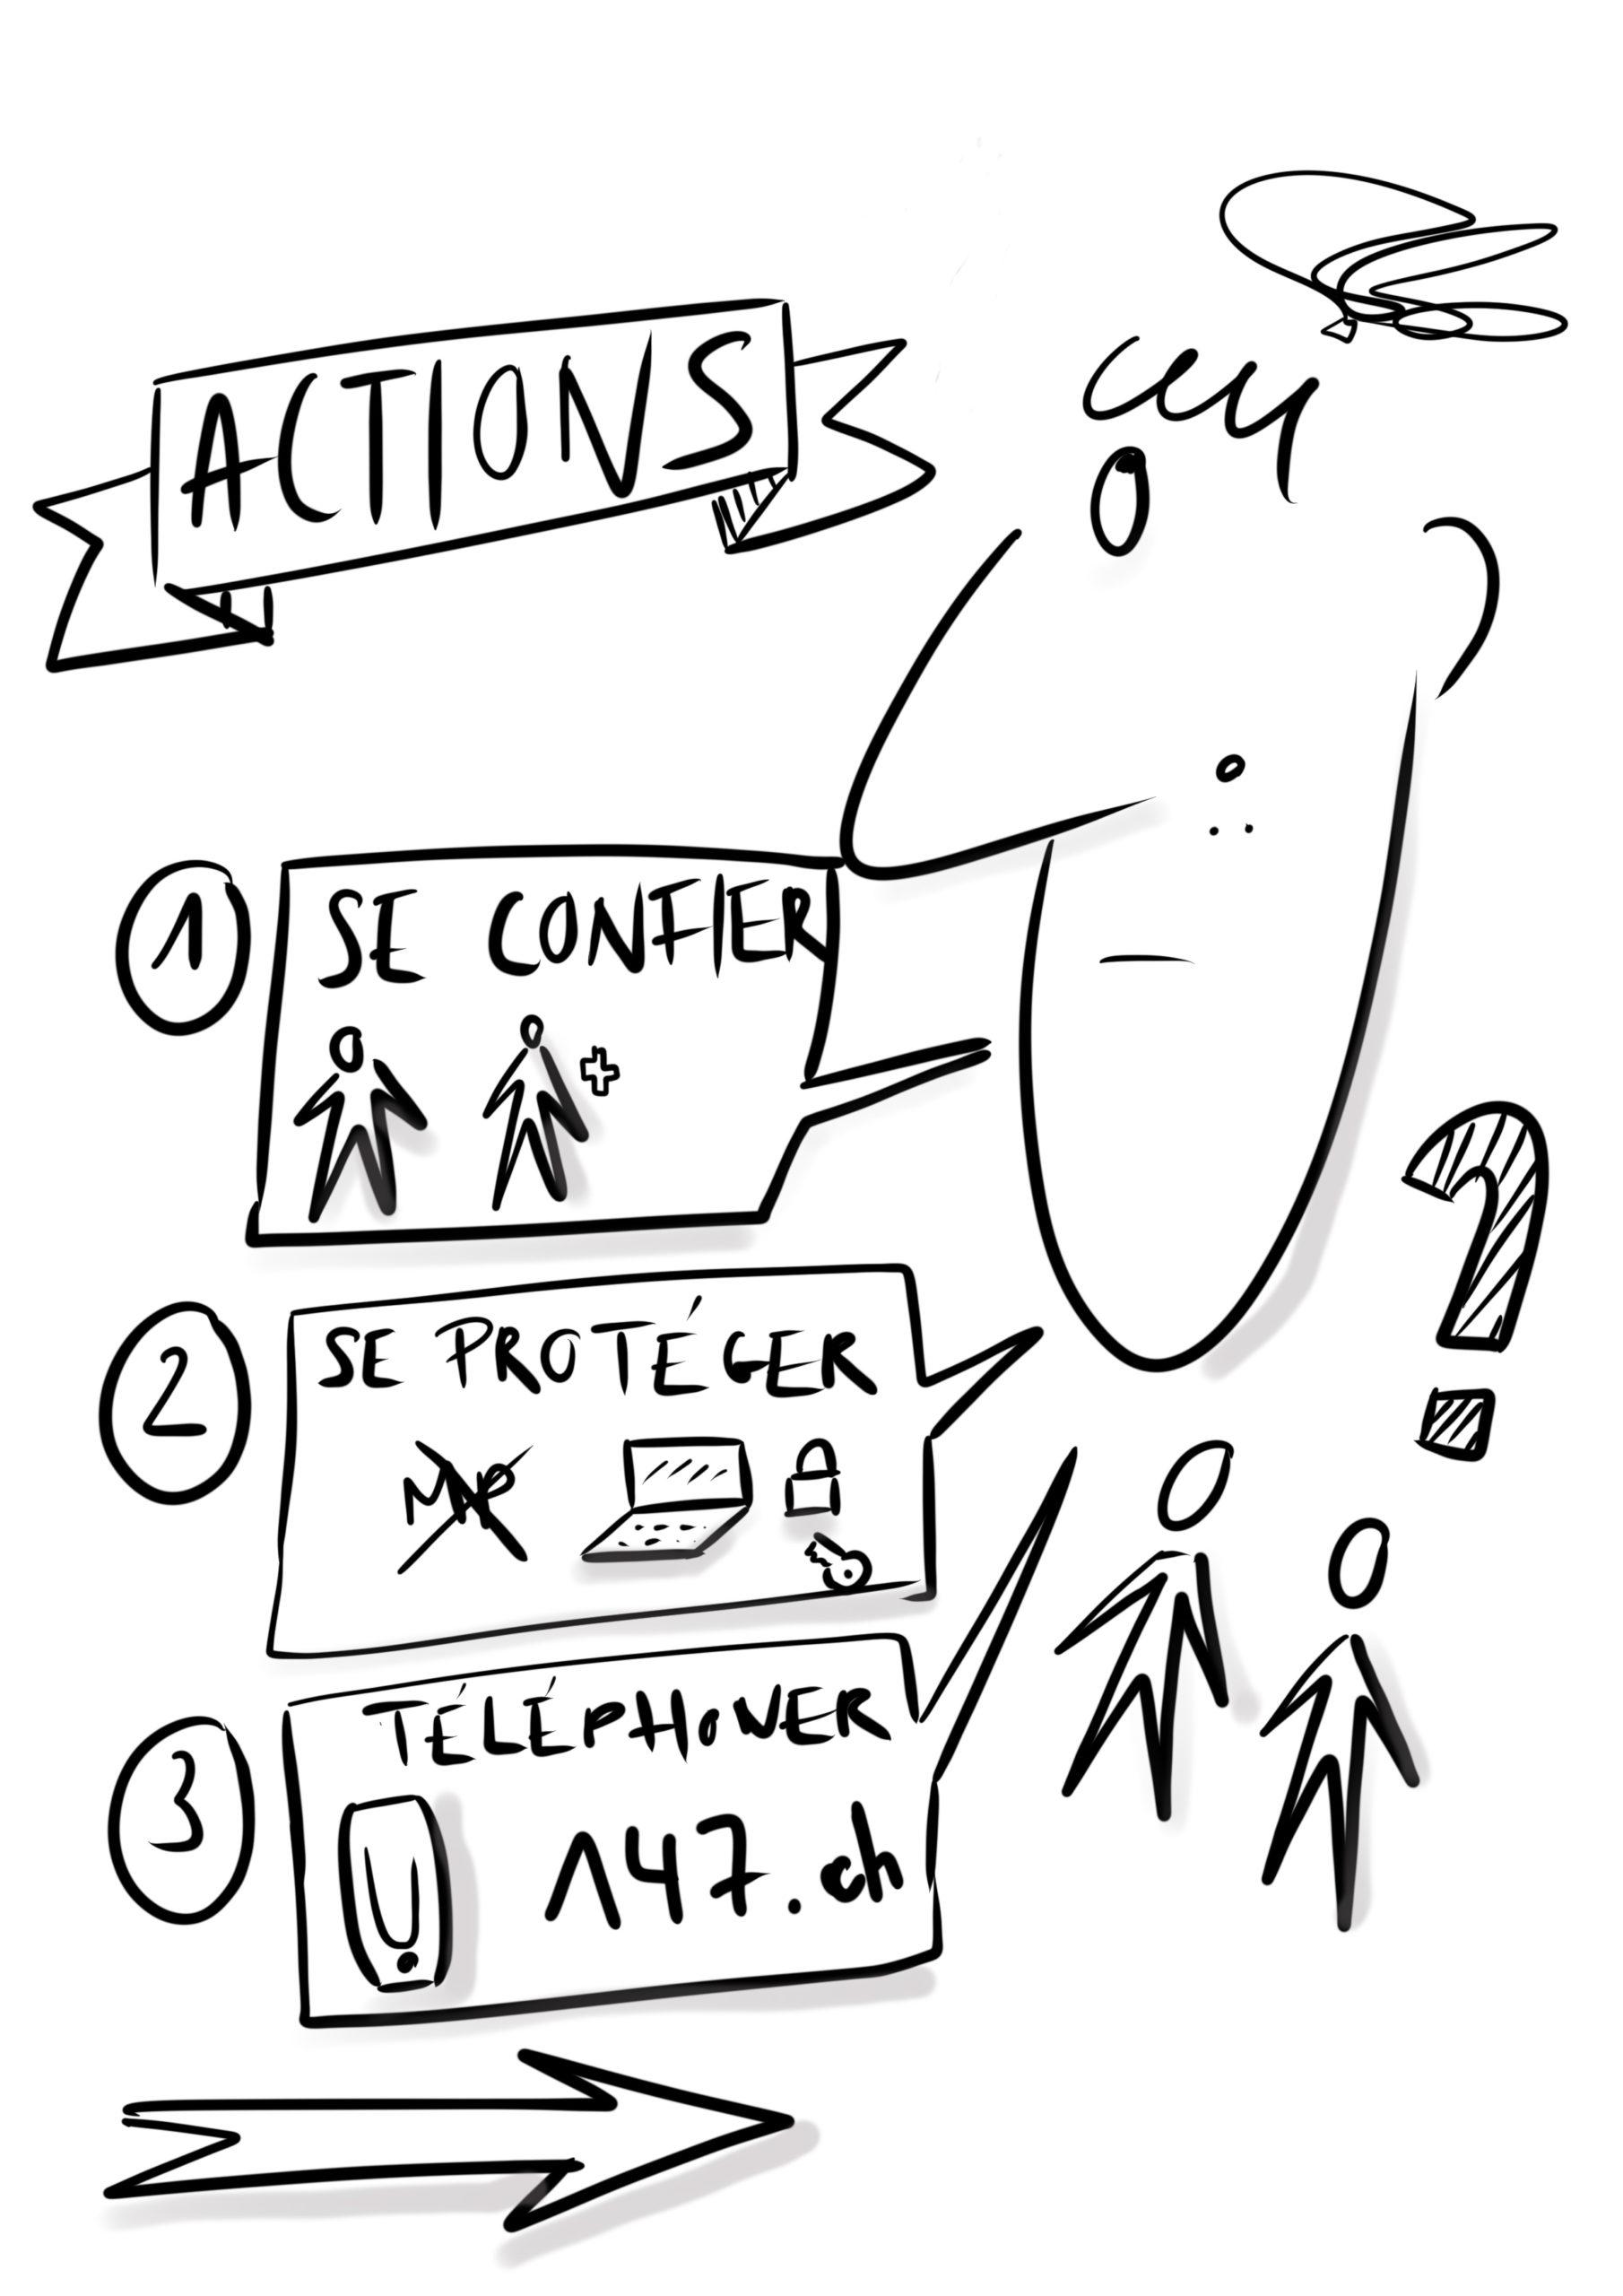 Actions pour se protéger contre le harcèlement scolaire - Live drawings